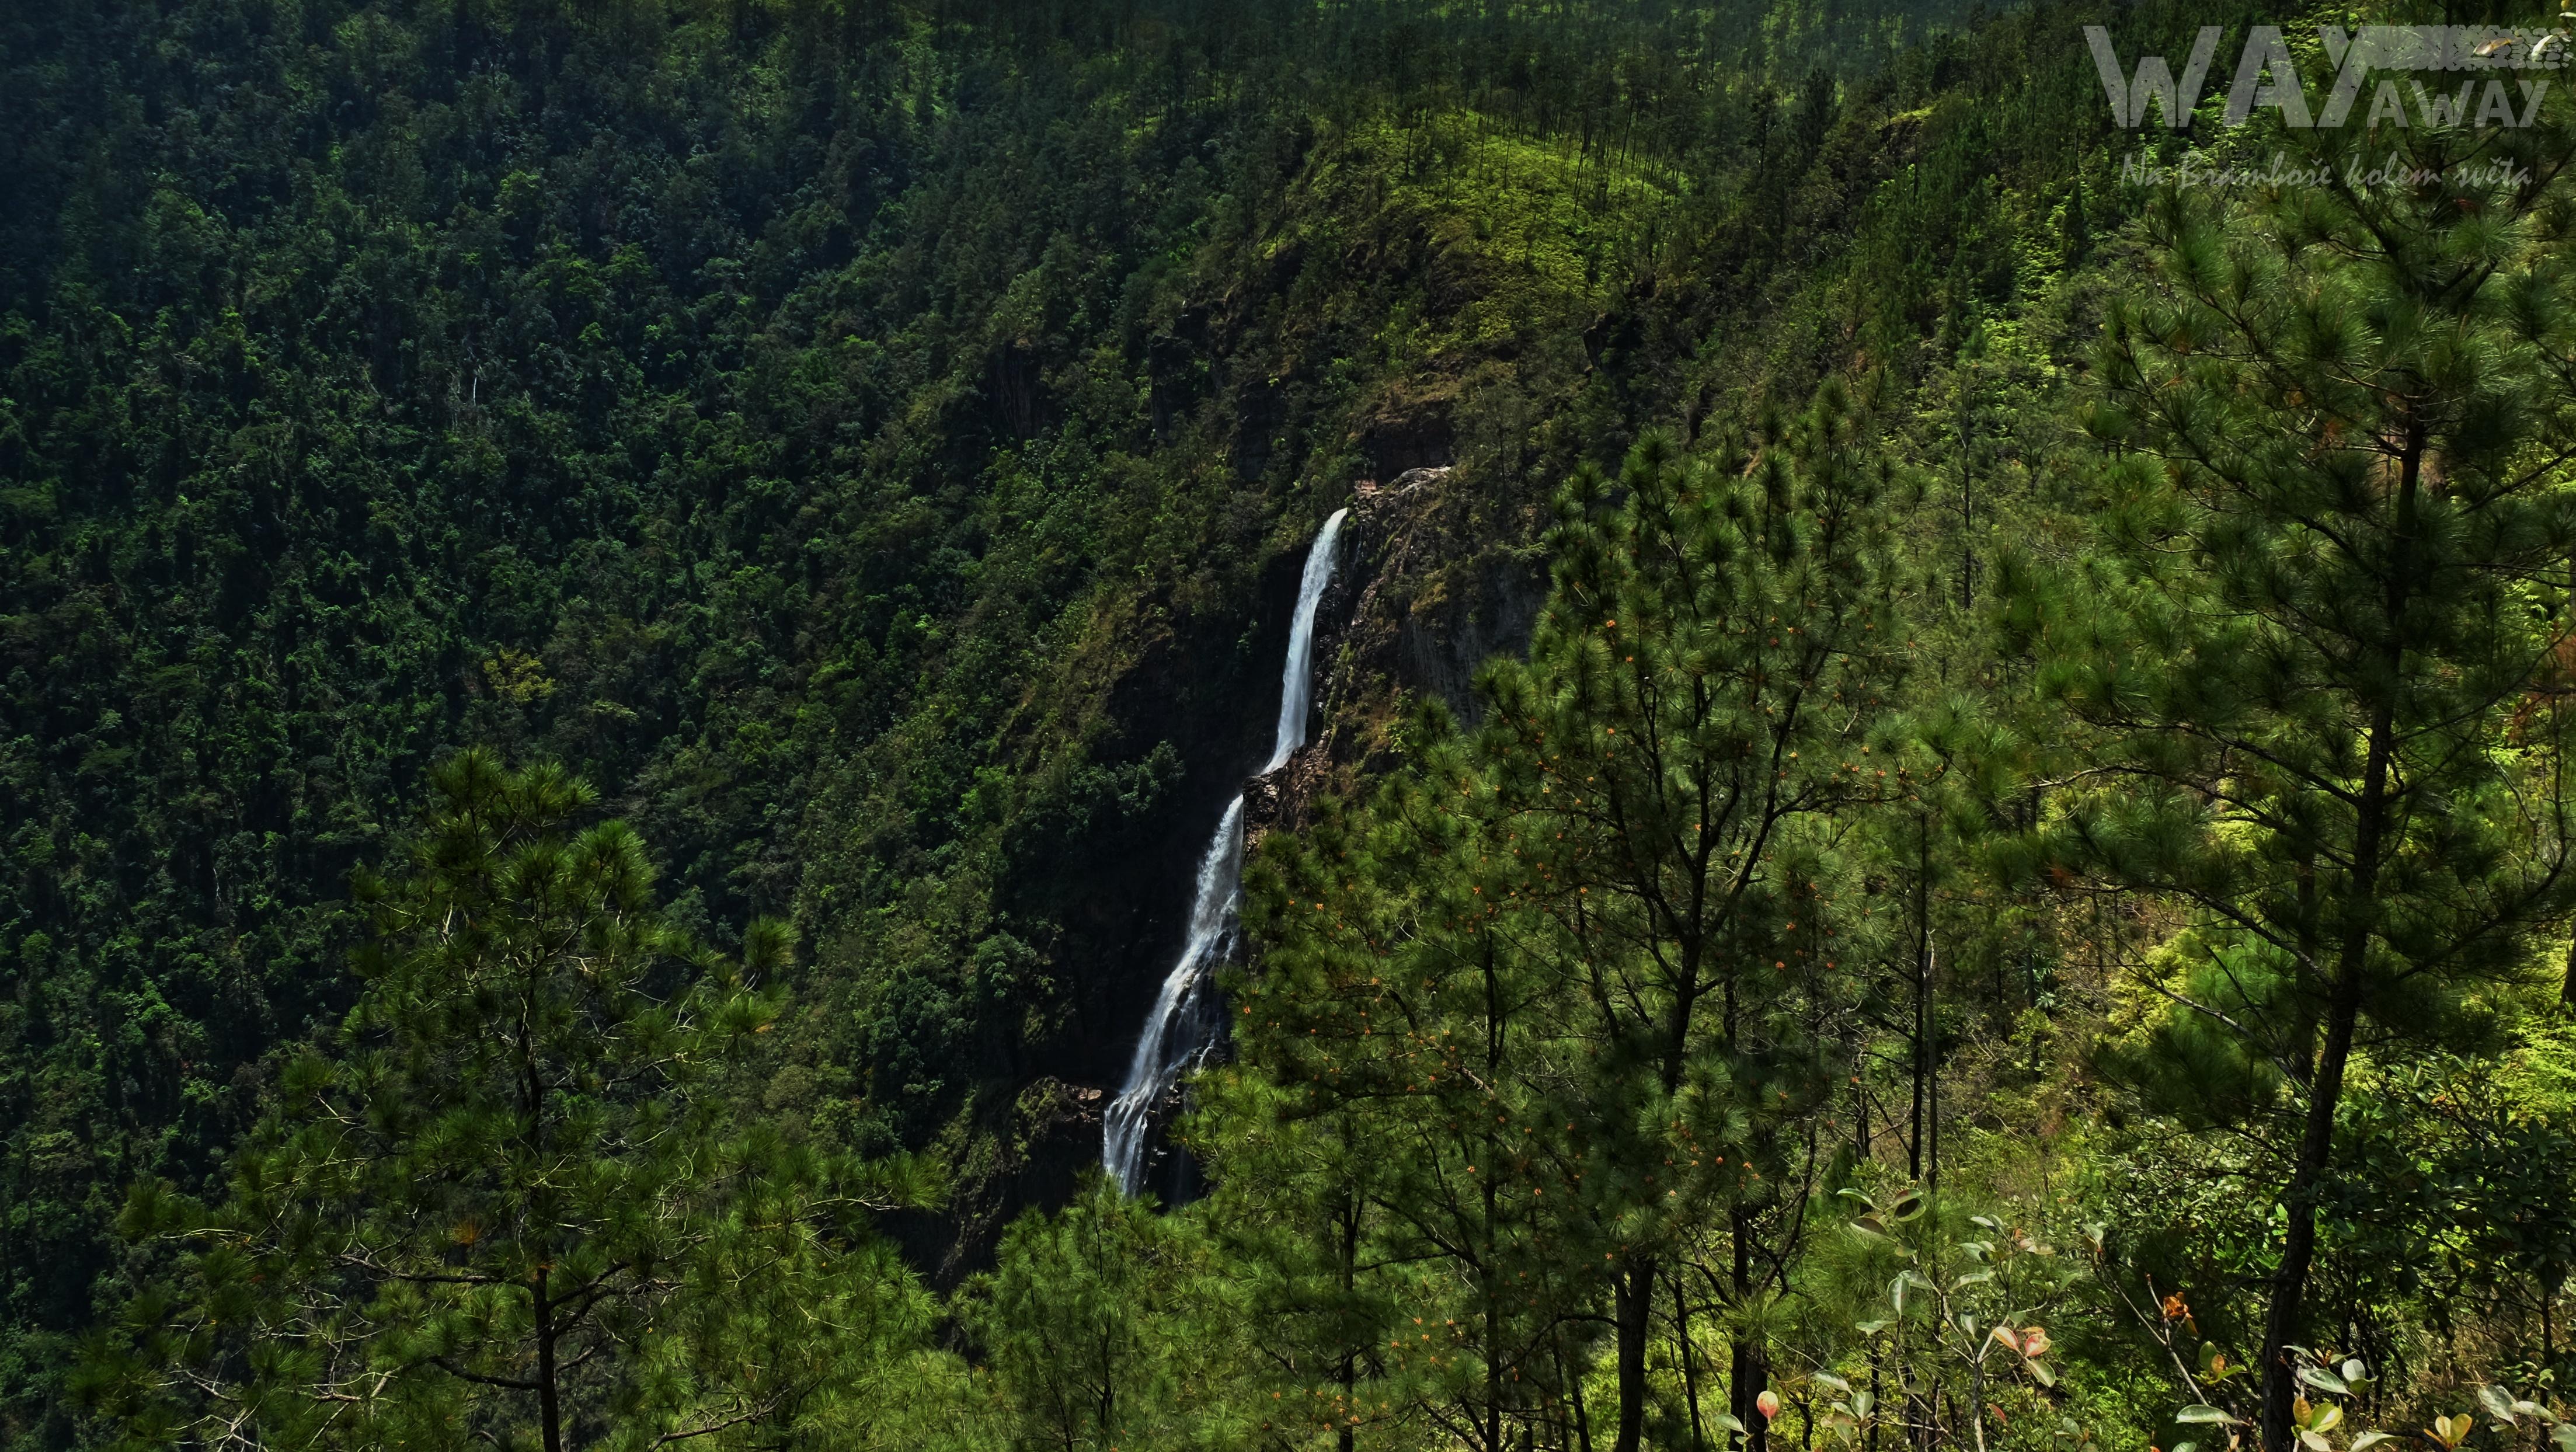 rezervace Mountain Pine Ridge, Belize, Střední Amerika